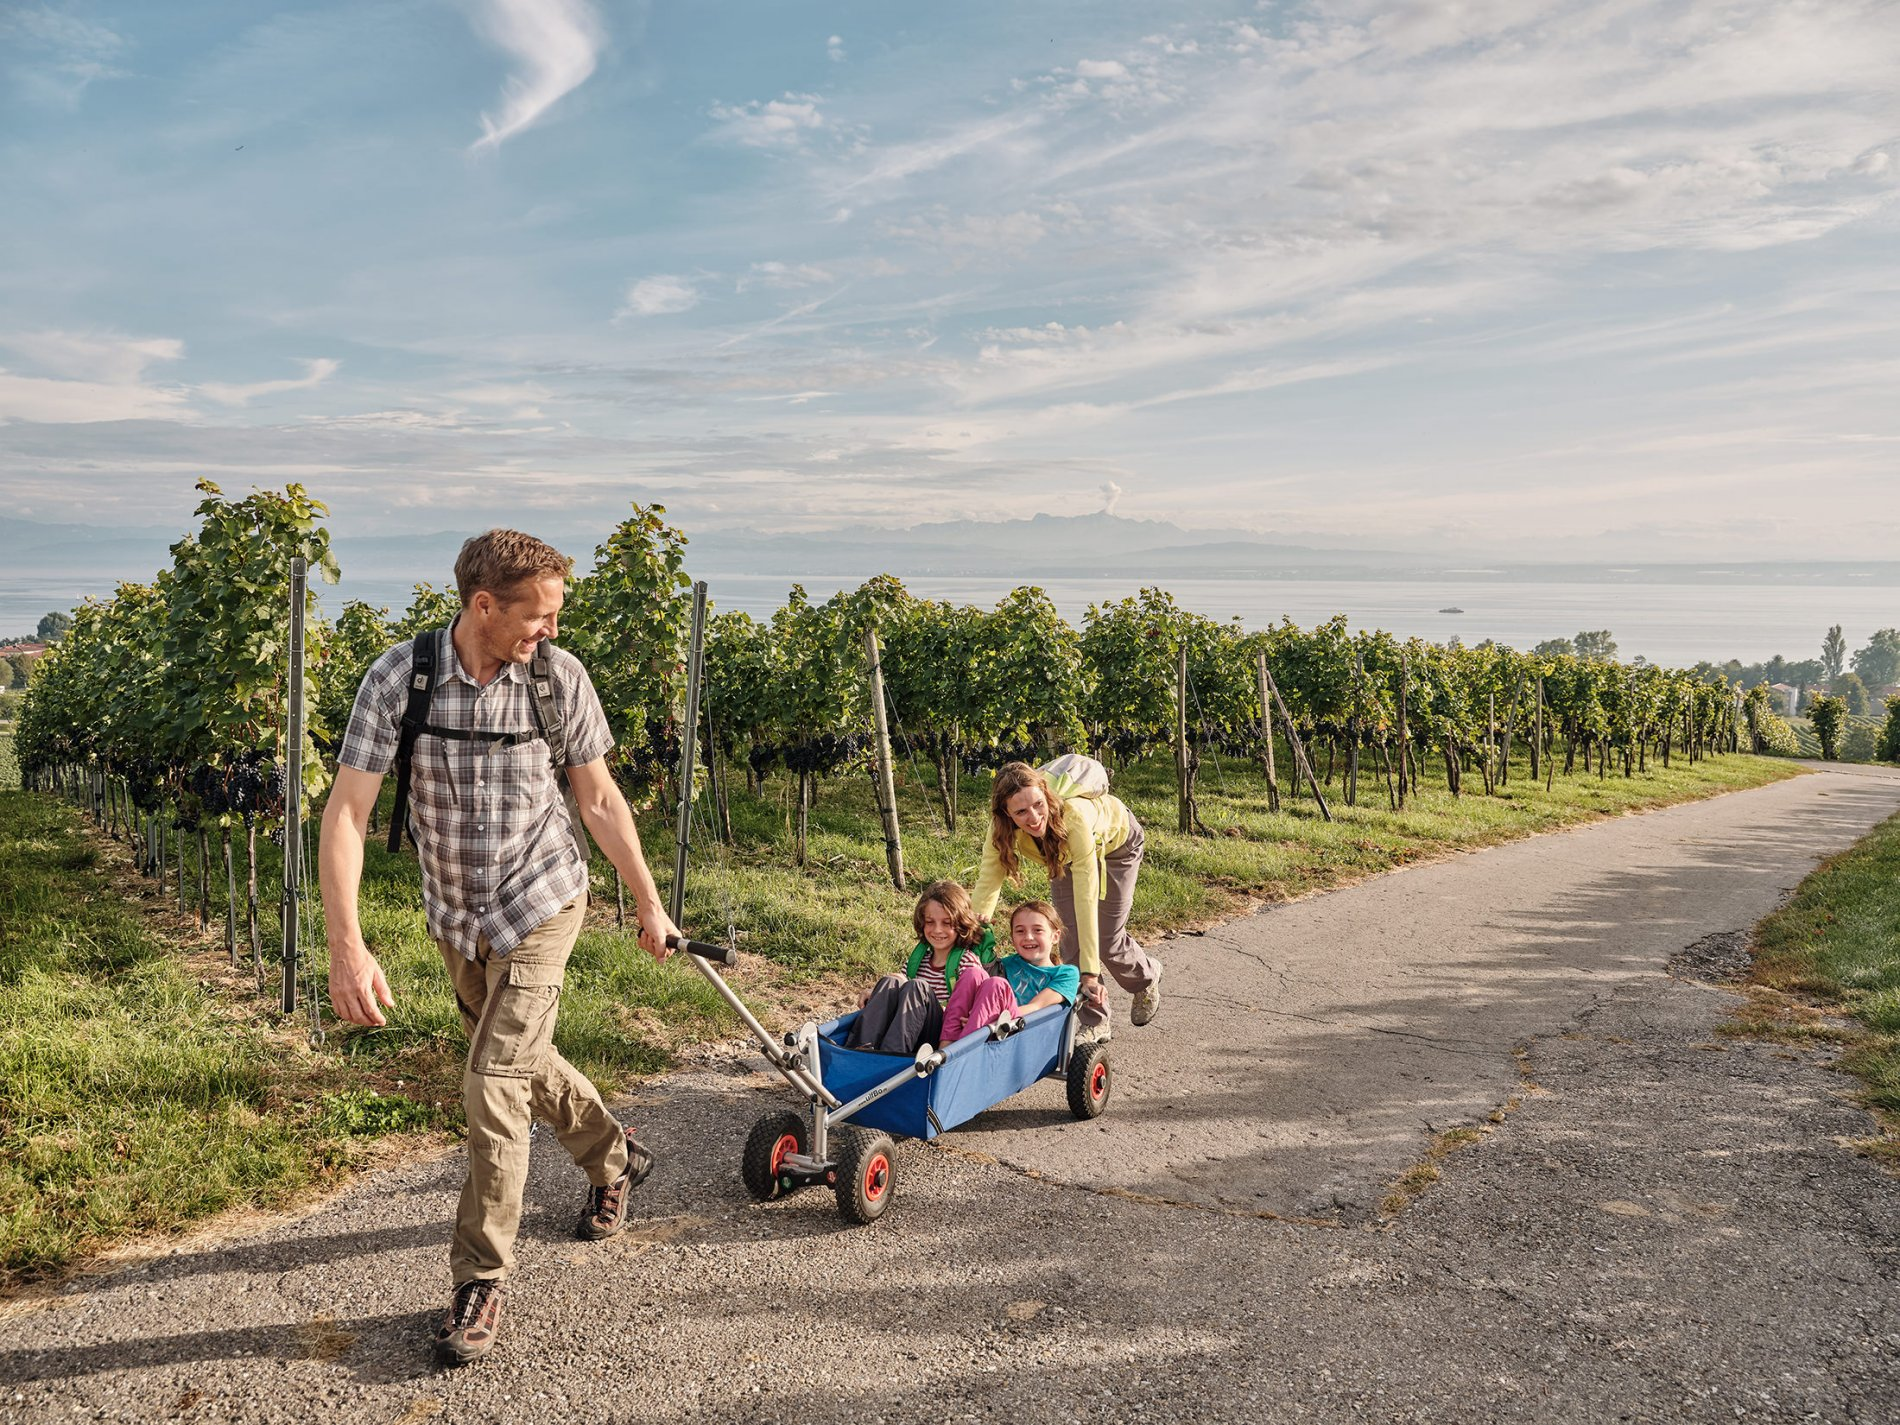 Familie mit Bollerwagen